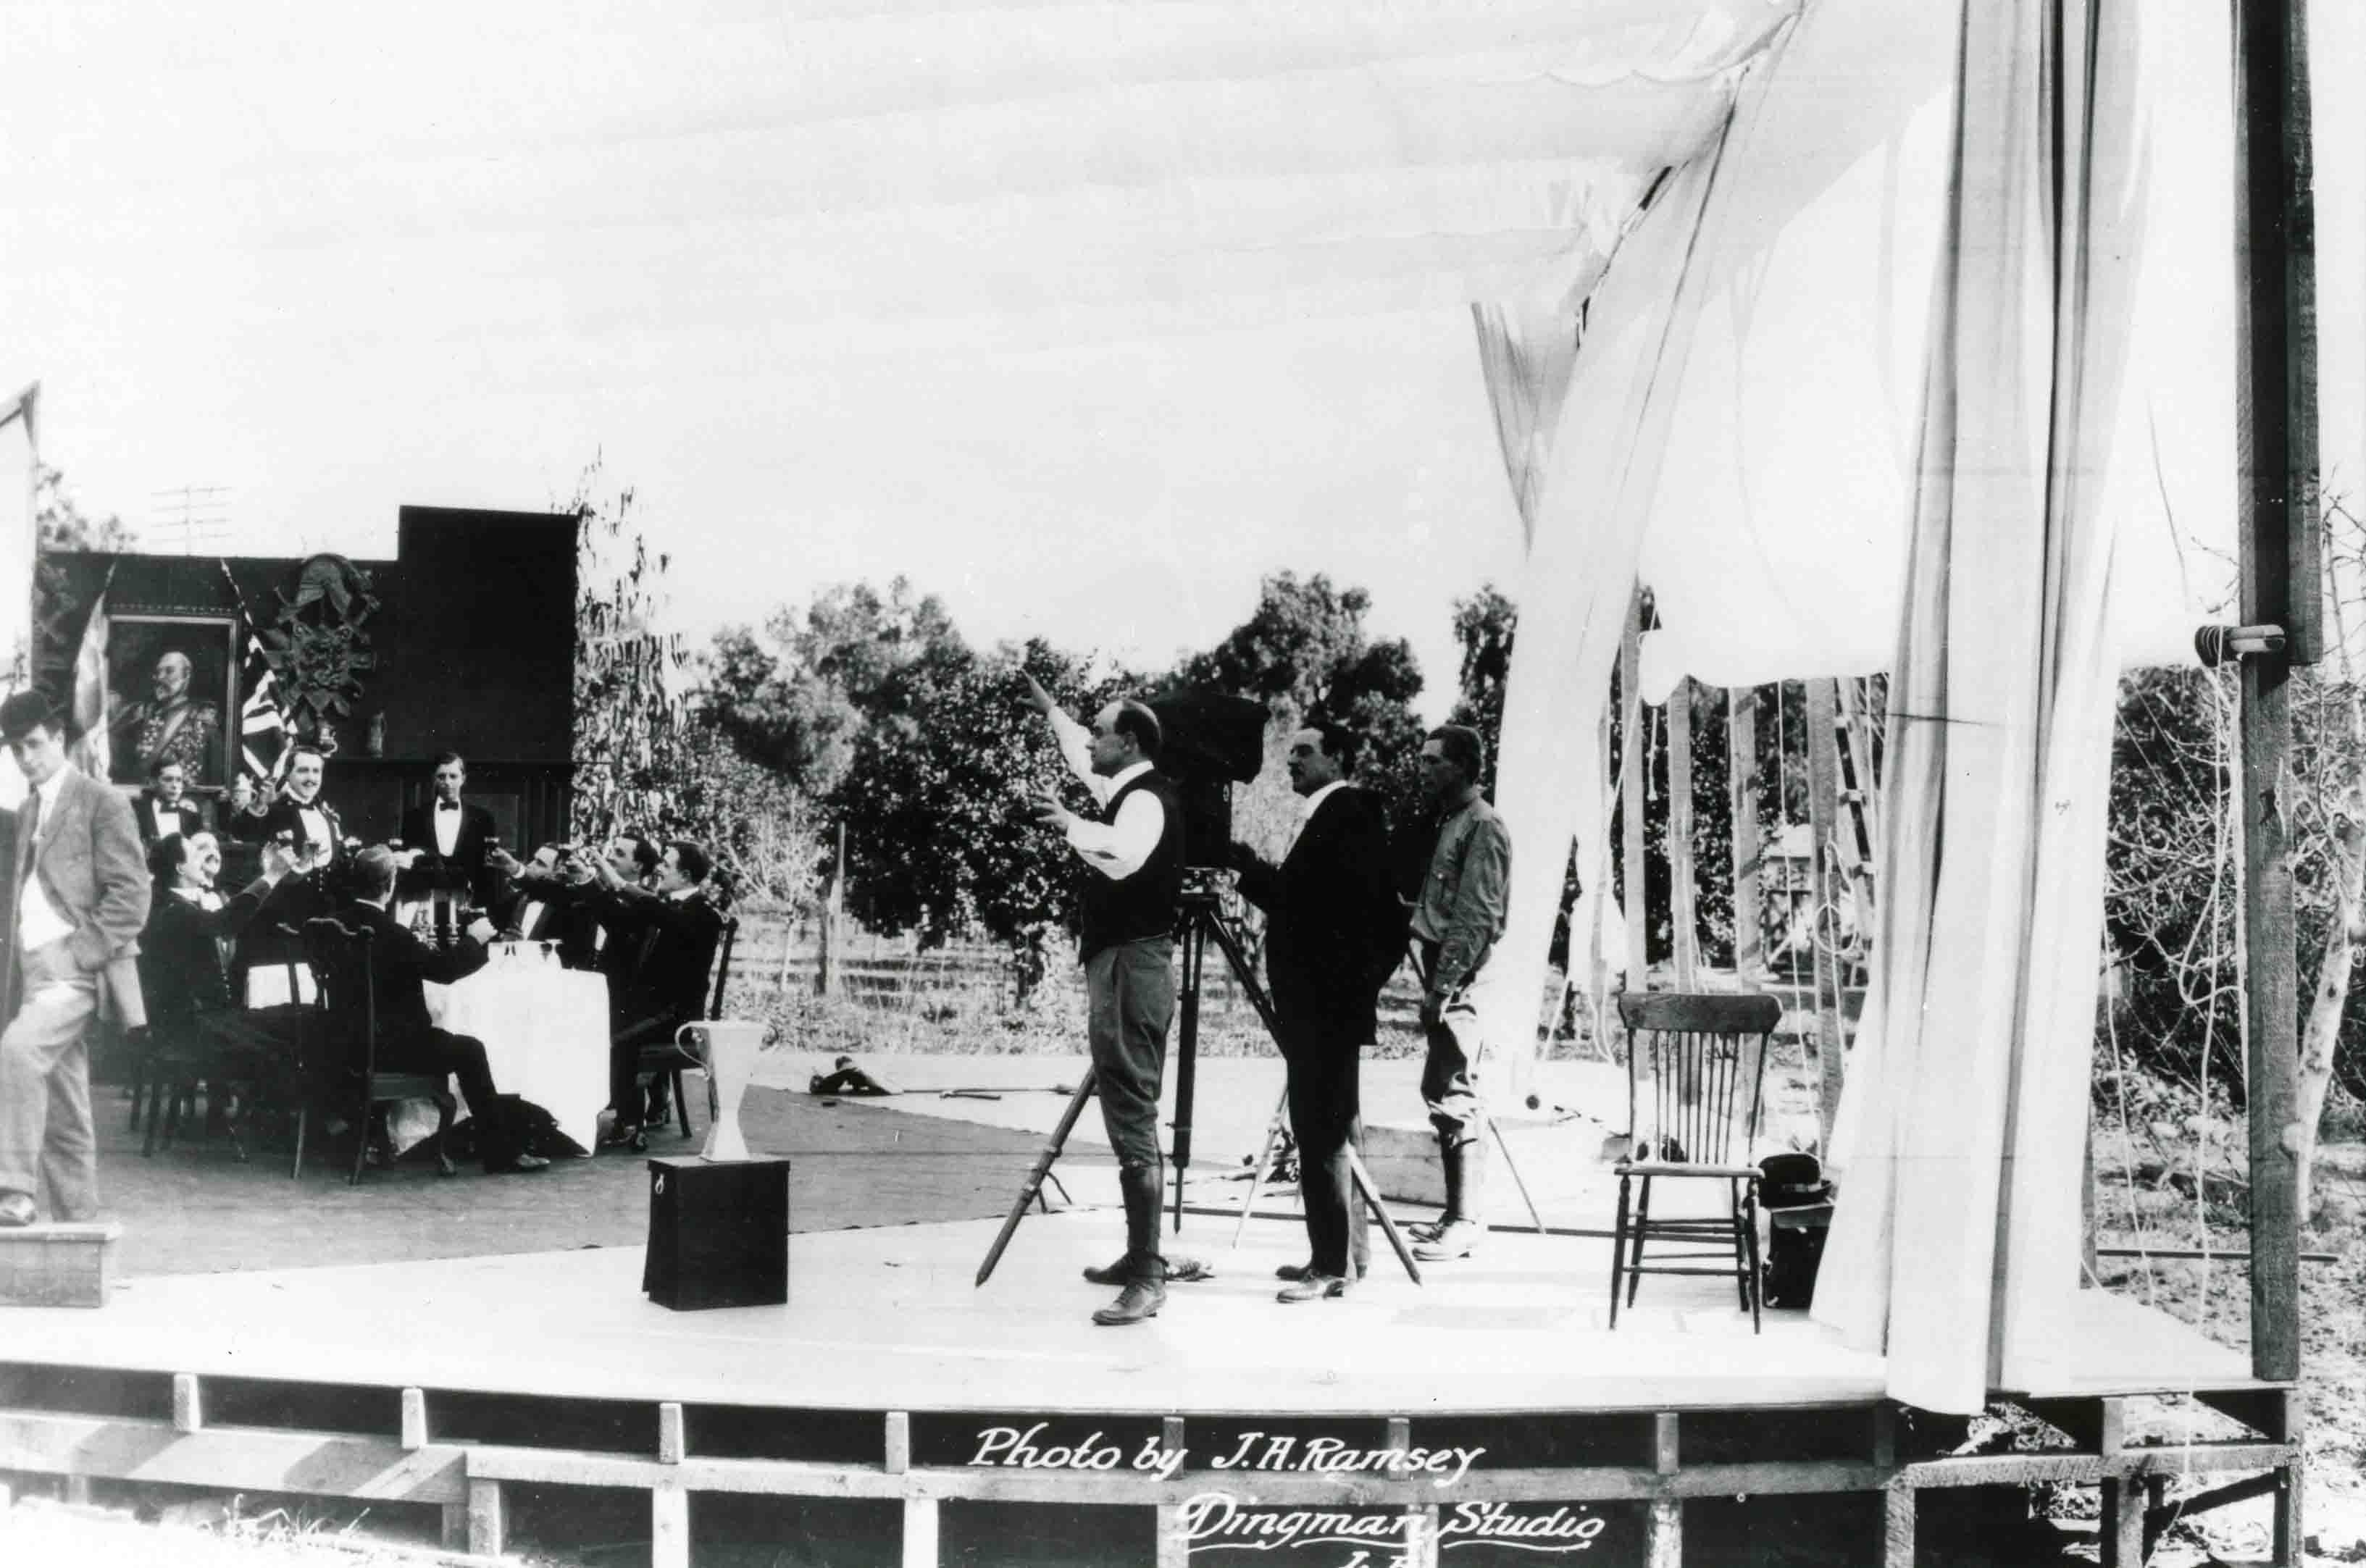 Early photo of Jesse Lasky Studio